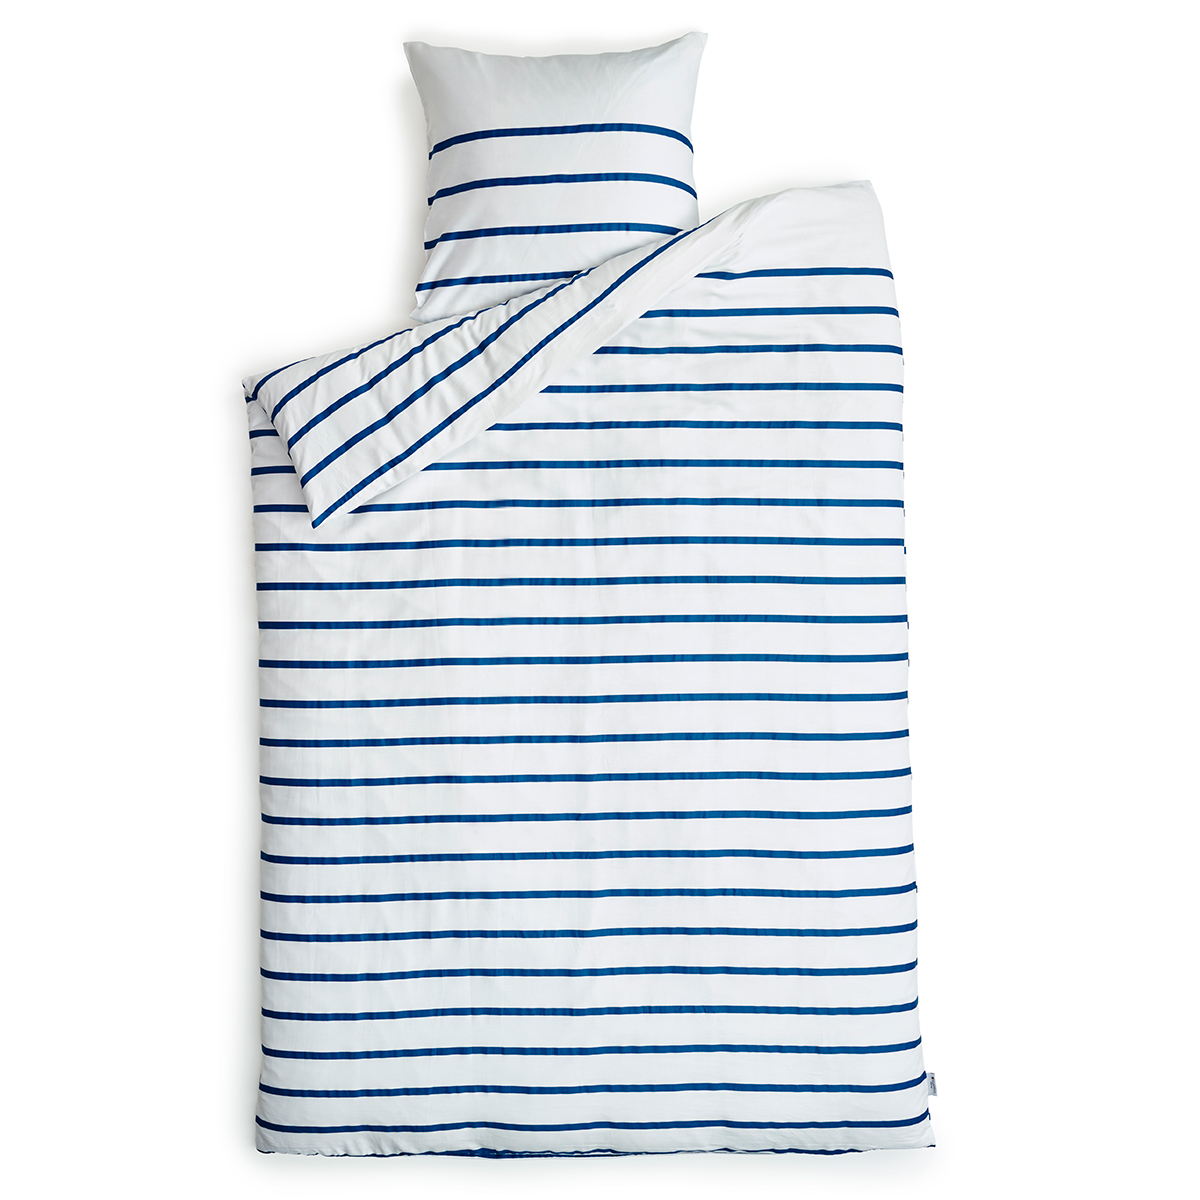 f40a6042425 Redgreen sengetøj - Hvid med blå striber Bomuldssatin - 140 x 200 cm -  Coop.dk